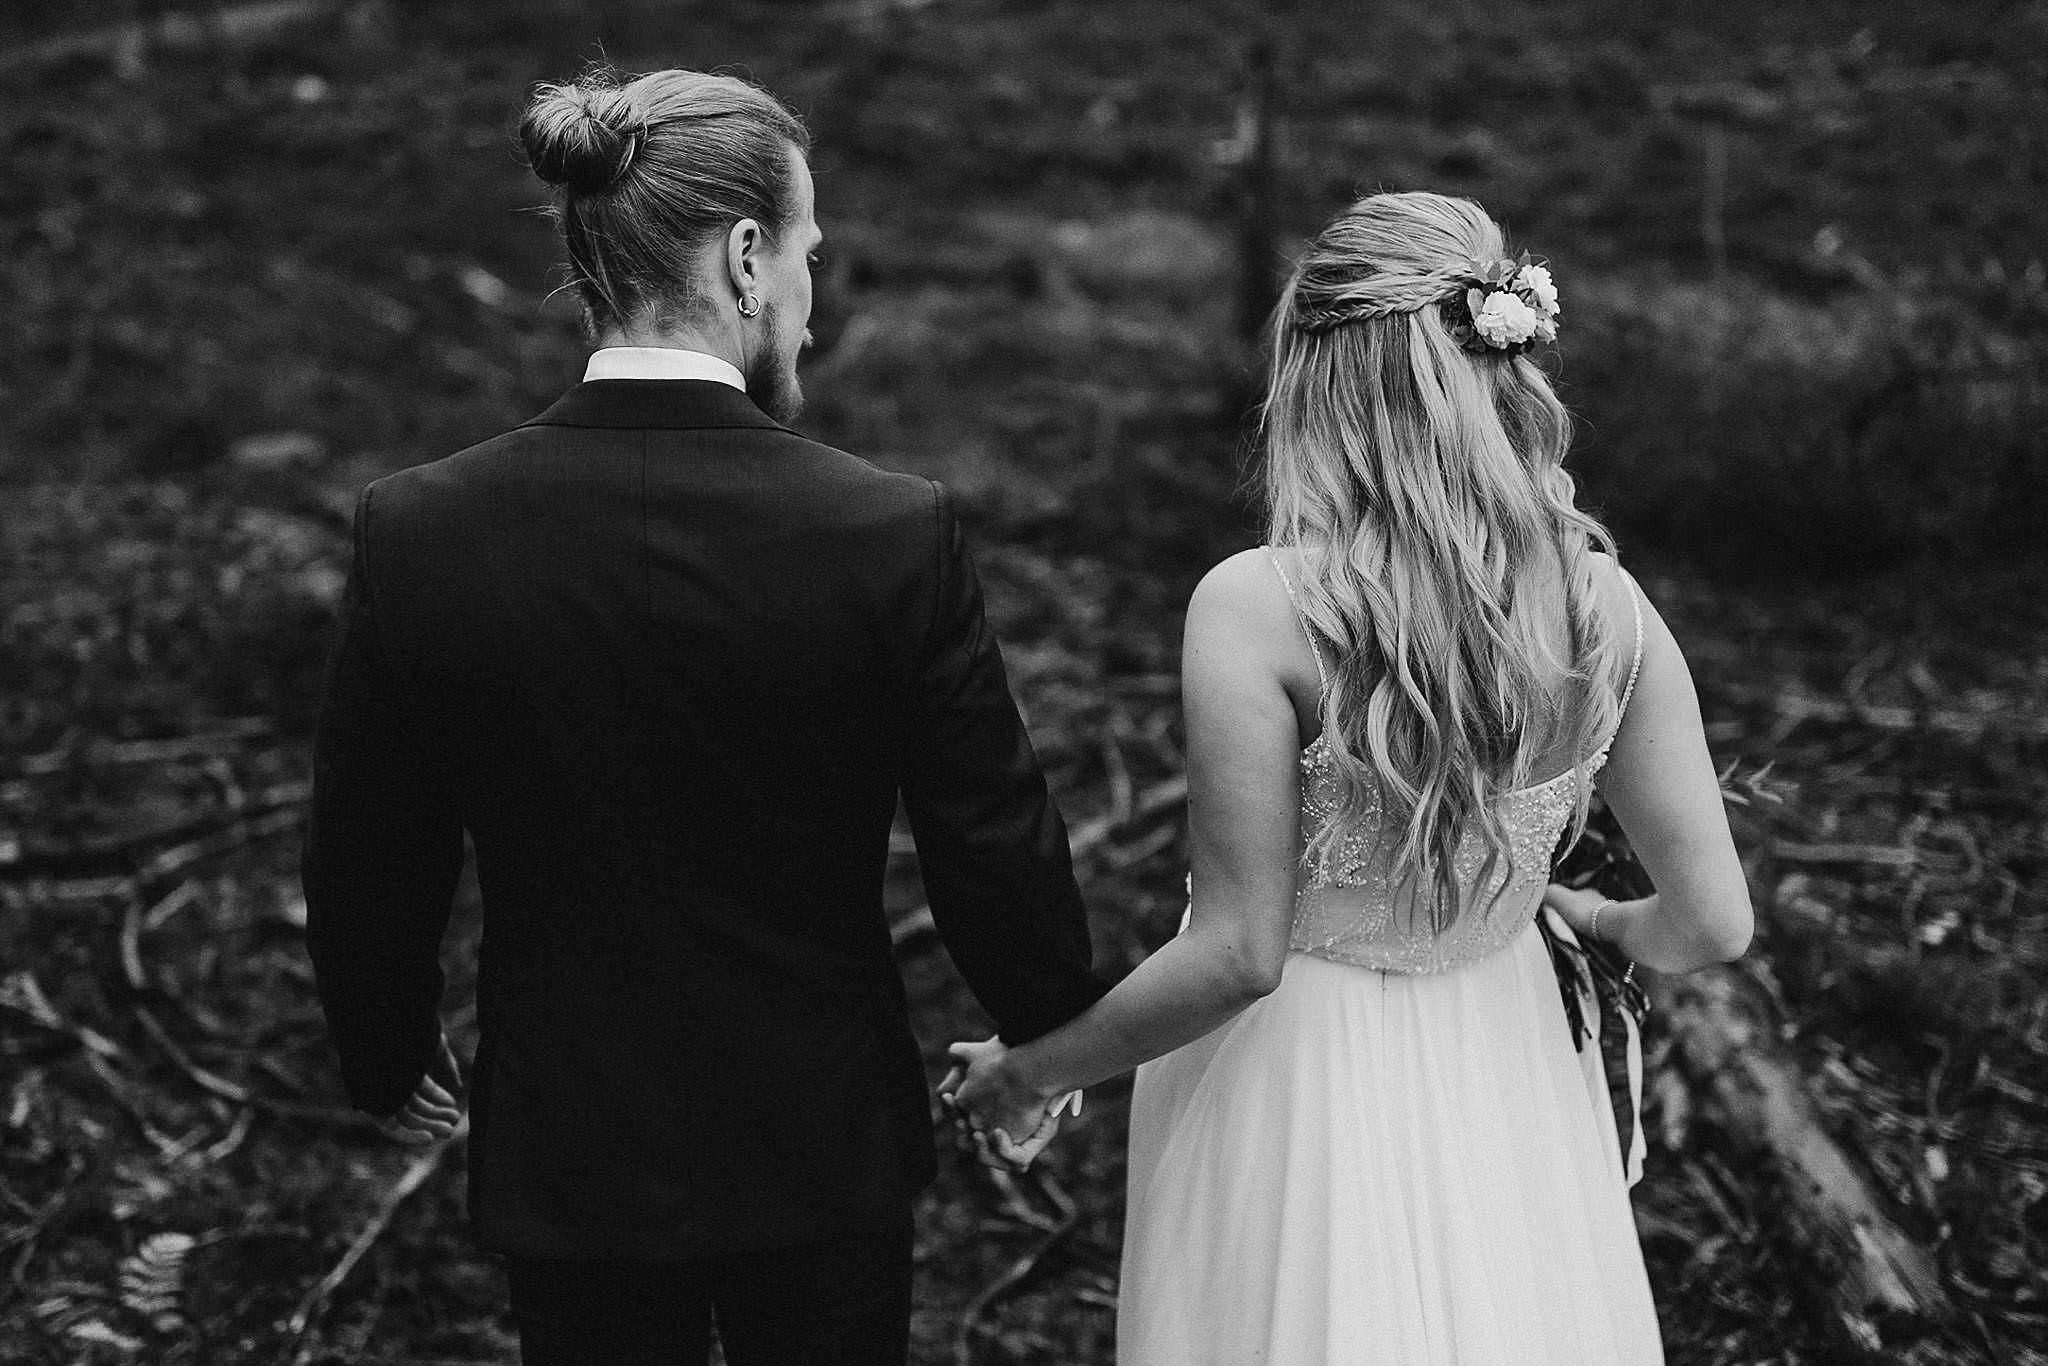 Haakuvaus_wedding_jyvaskyla_muurame_tuomiston_tila_0180.jpg